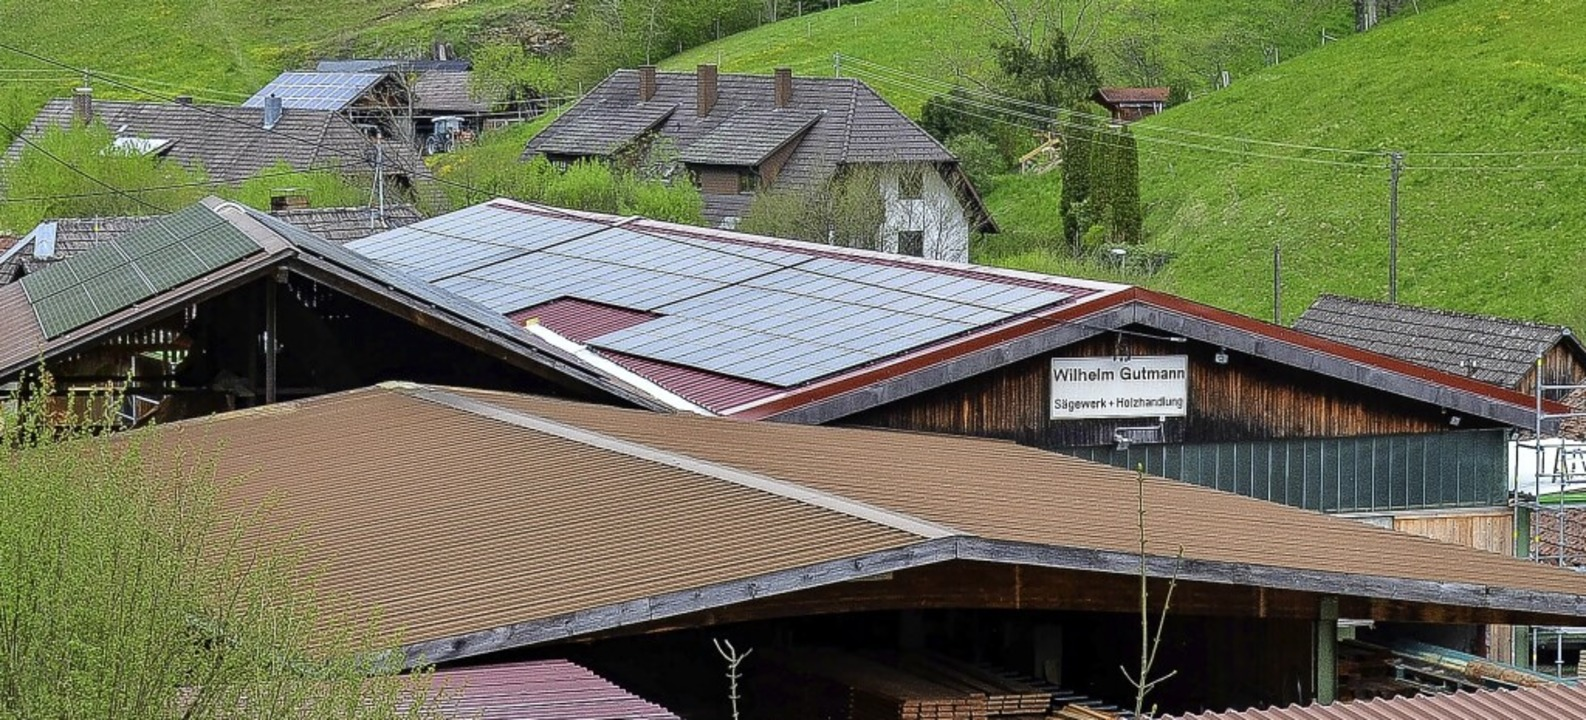 Die neue Photovoltaikanlage auf den Dä...s zählt zu den größten in Münstertal.     Foto: Gabriele Hennicke